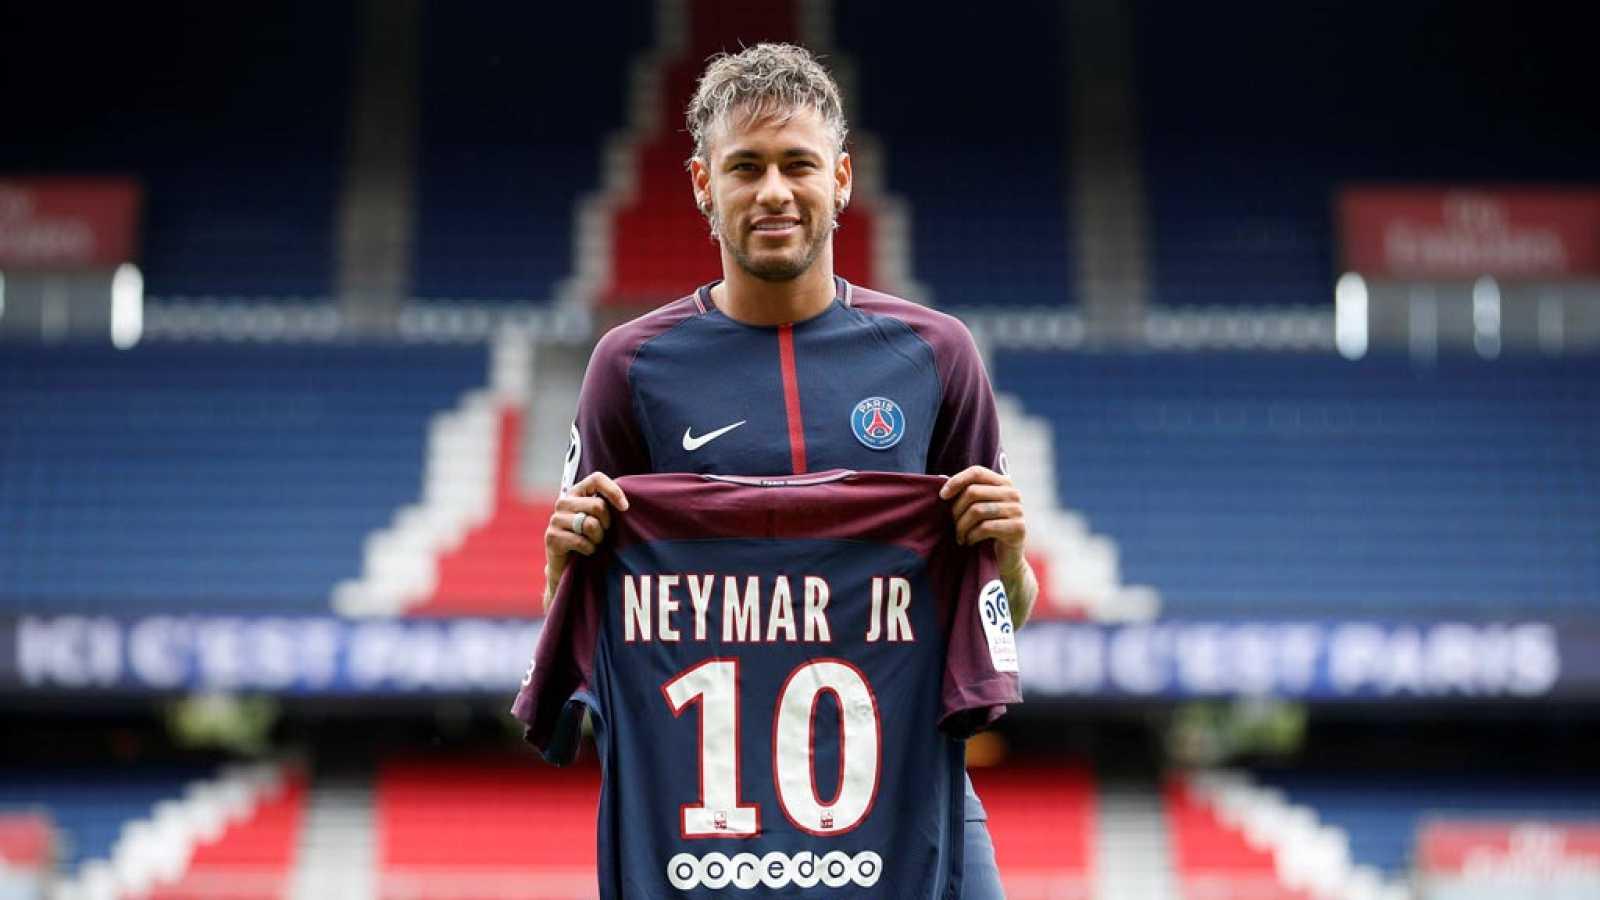 e6d91e98d0d17 Para todos los públicos reproducir video 01.33 min. Neymar se presenta como nuevo  jugador del PSG